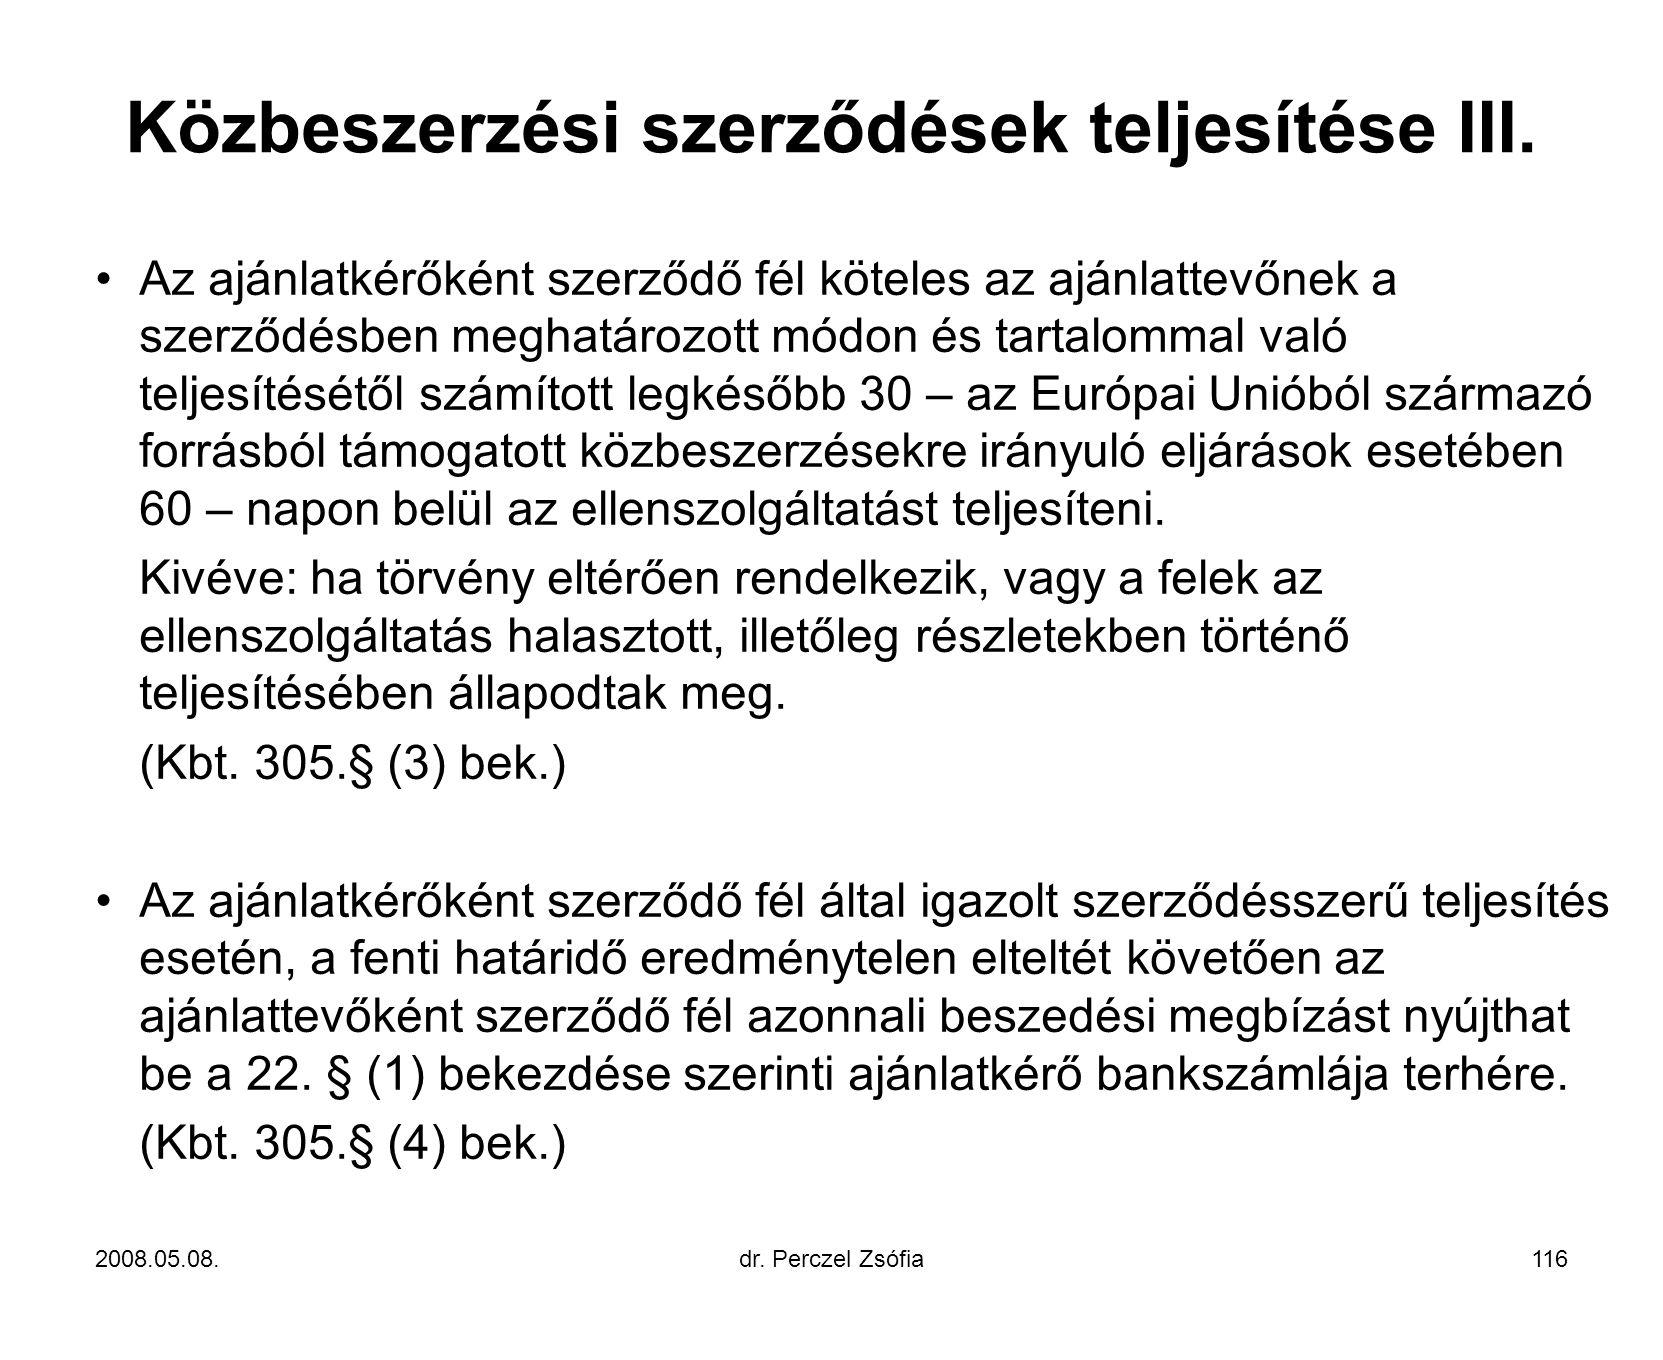 Közbeszerzési szerződések teljesítése III.